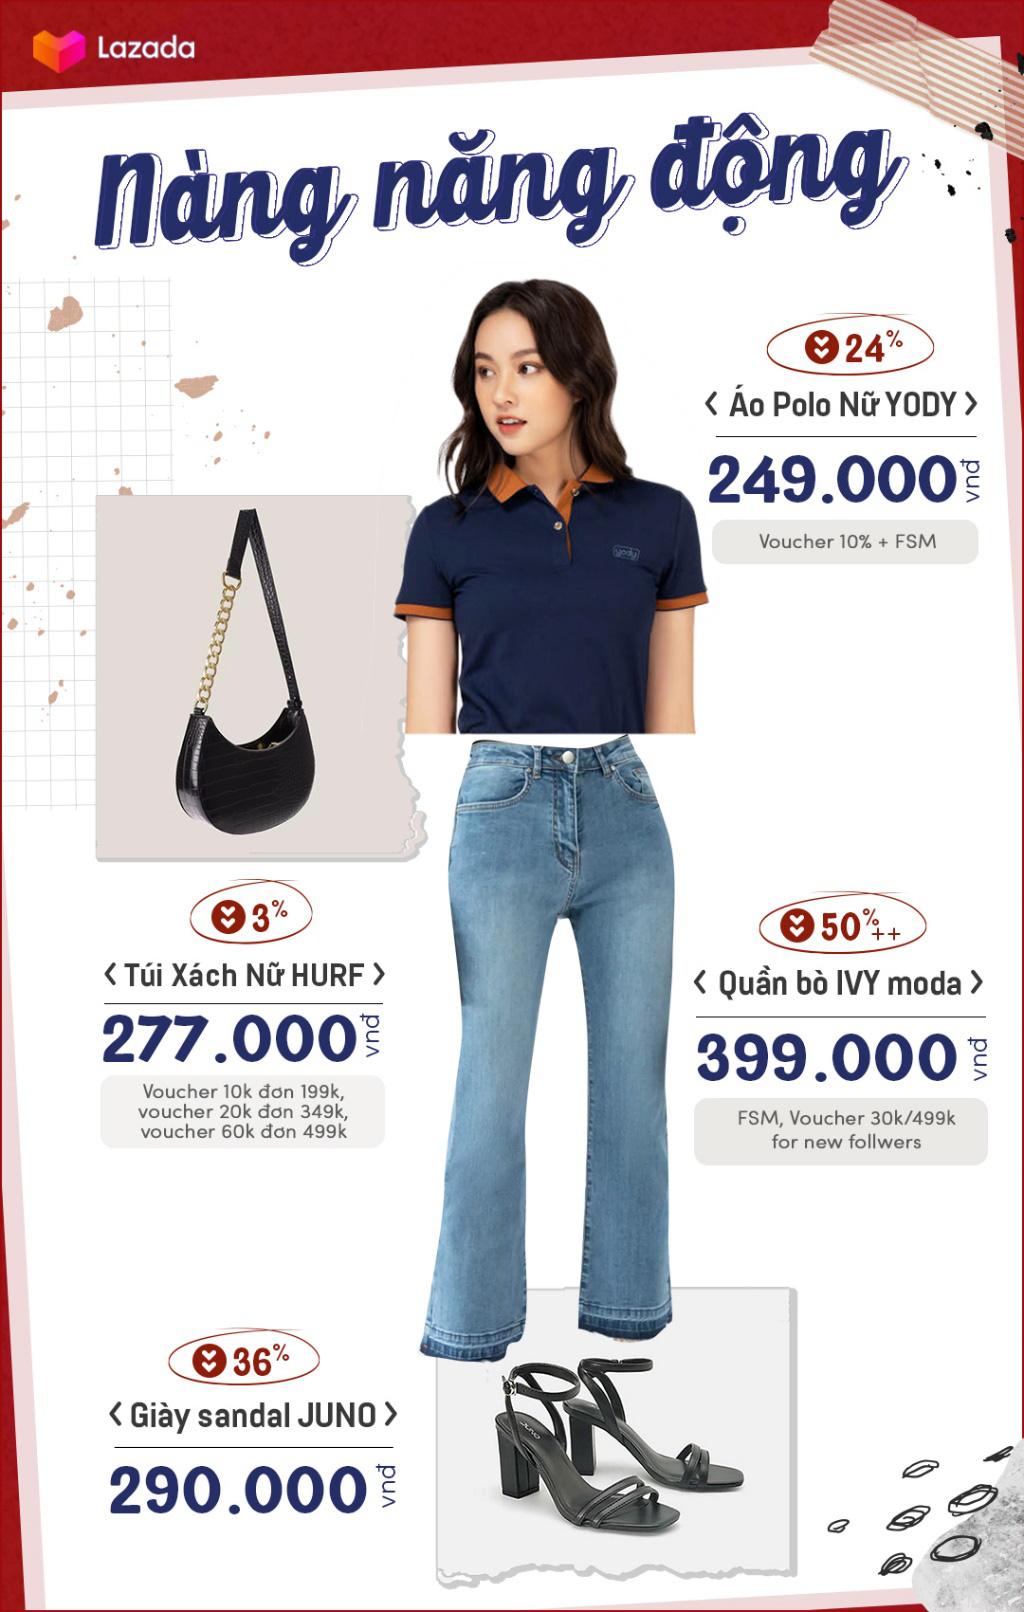 4 set đồ cho hội nam thanh nữ tú đẹp chuẩn fashionista khi vào thu, sale tới 50%++ trên Lazada mà toàn món đẹp mê - Ảnh 2.